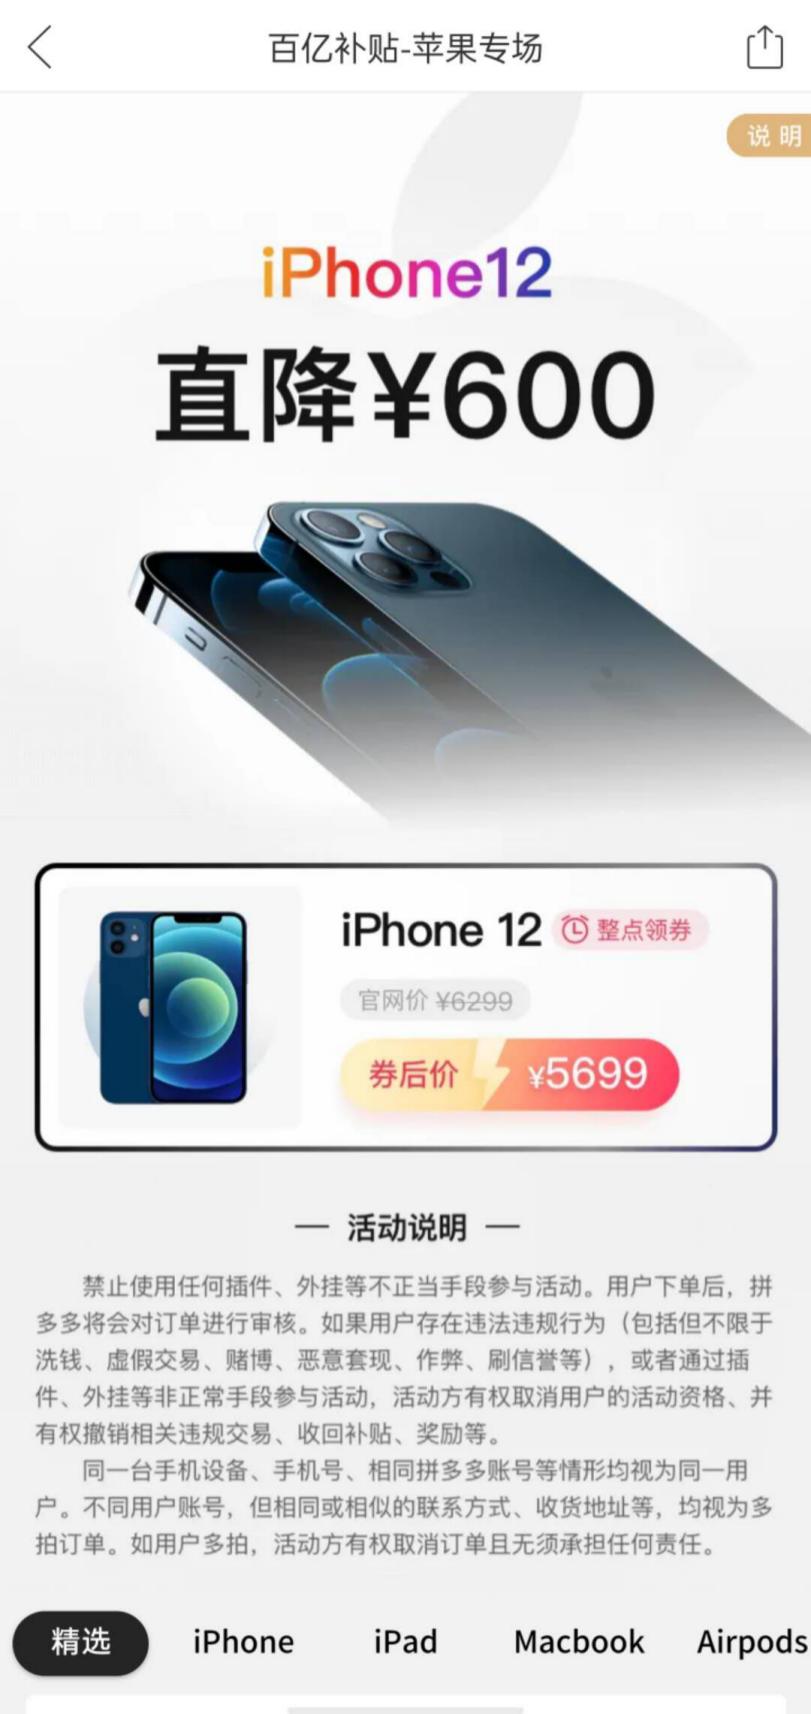 拼多多对iPhone 12下手了:最多可降600元 苹果回应